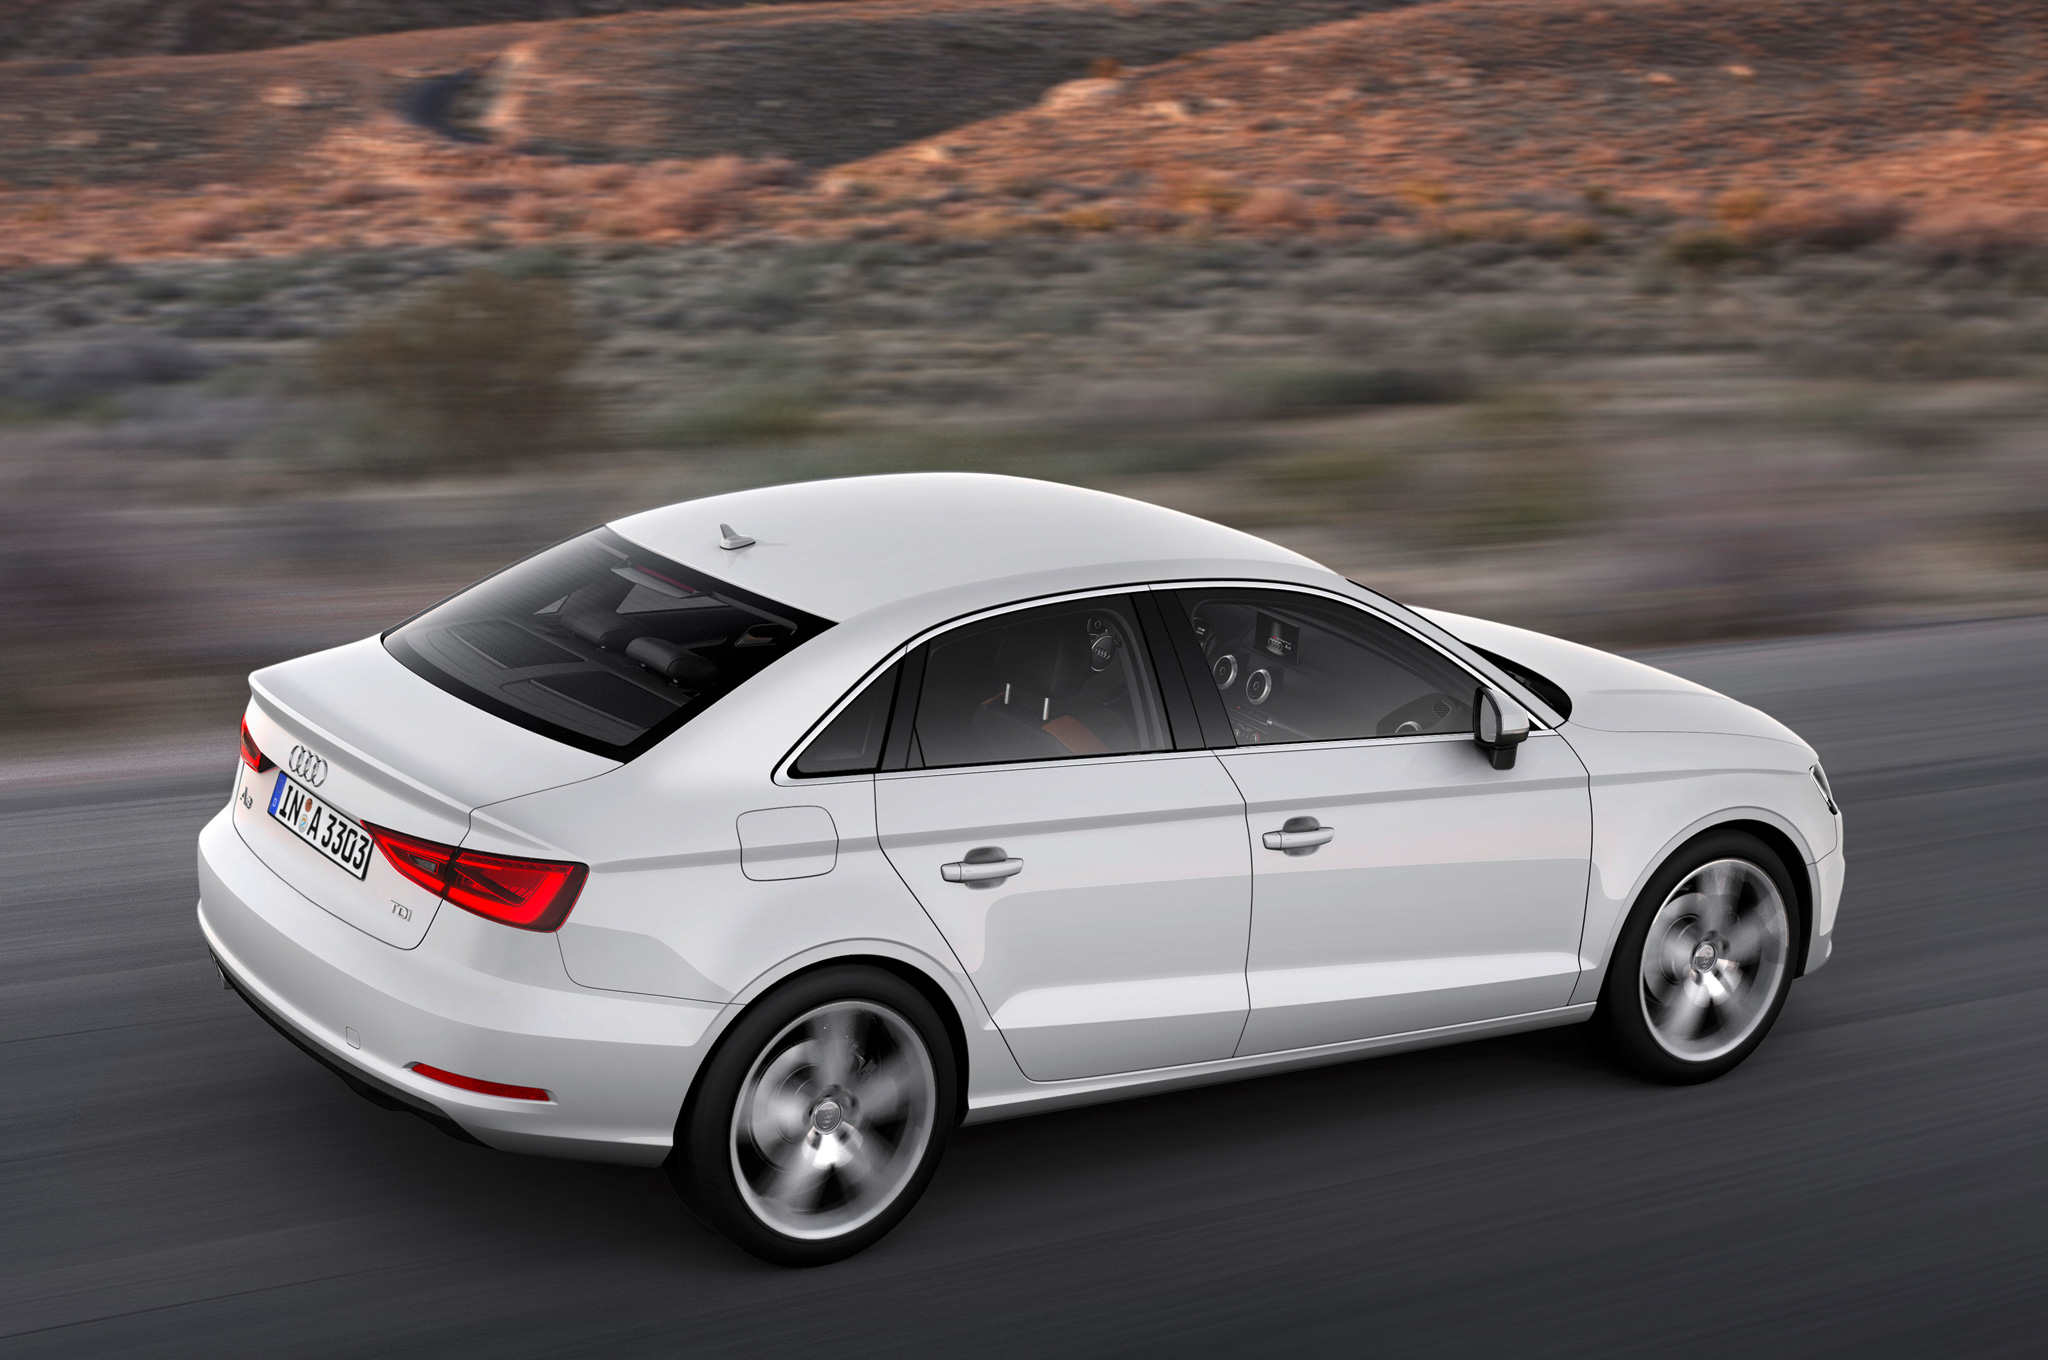 2015 Audi A3 Rear Side View